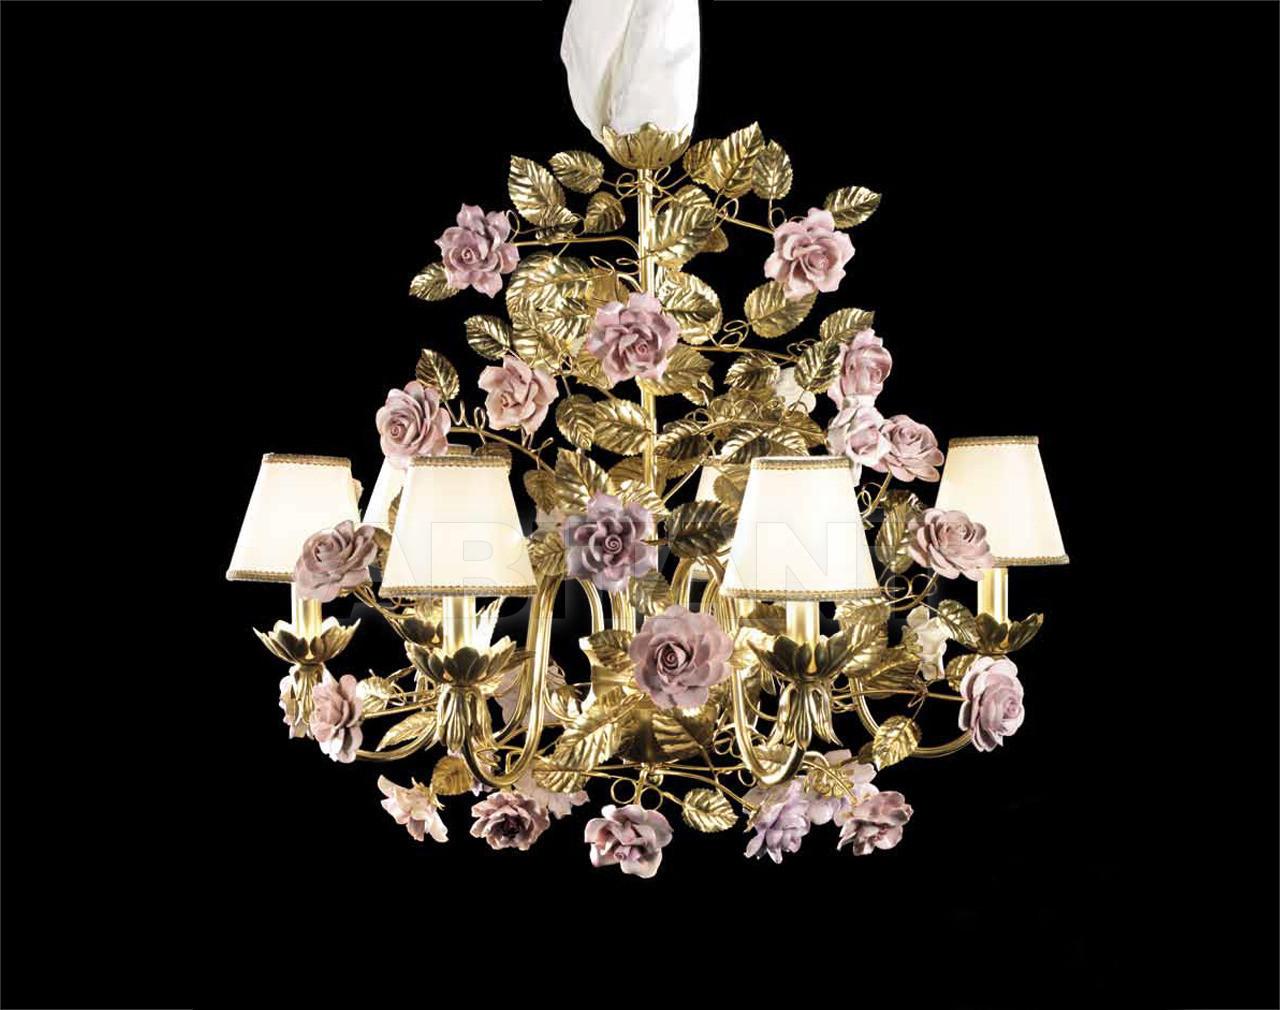 Купить Люстра Villari Home And Lights 4000316-200